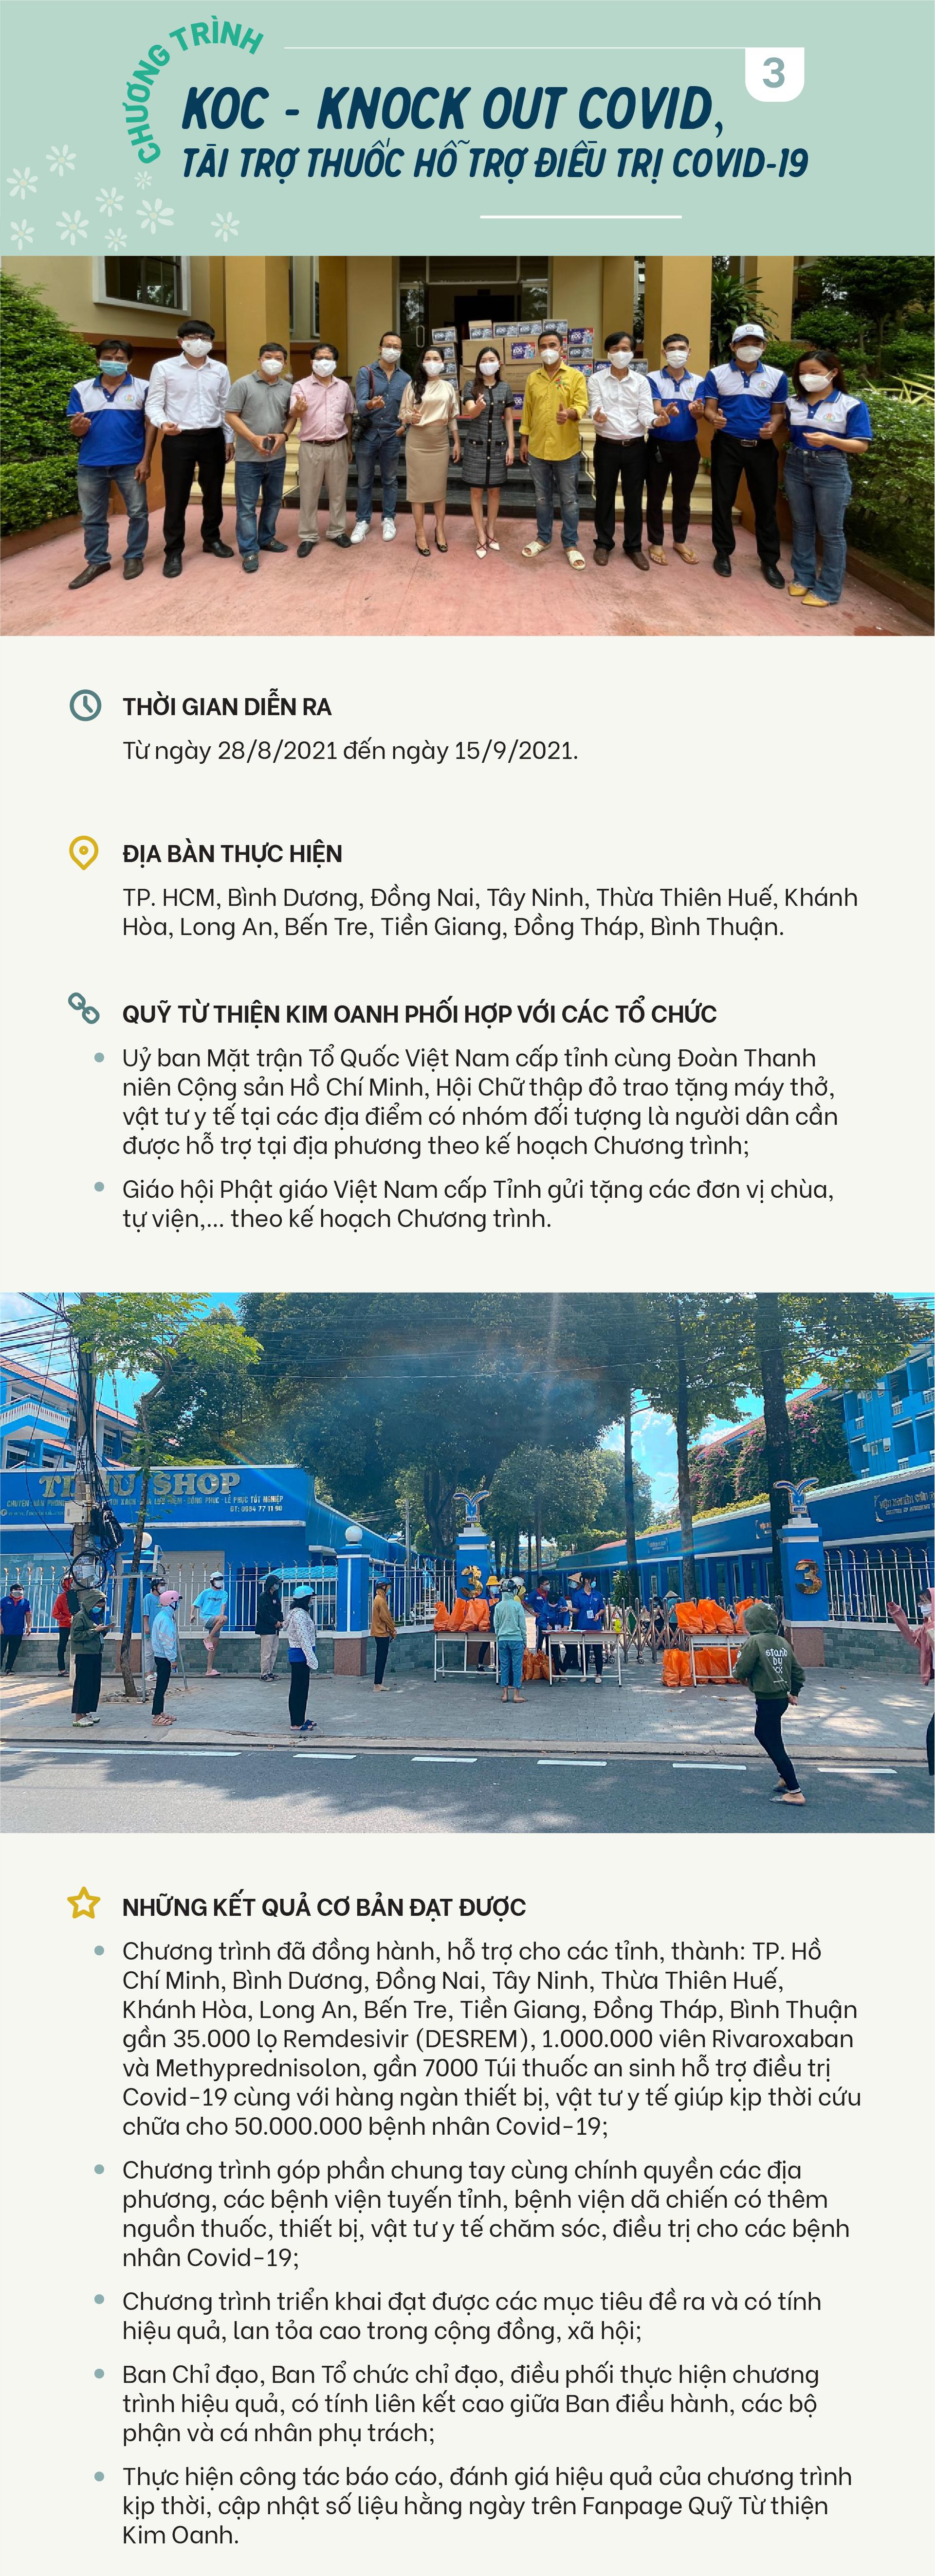 Quỹ từ thiện Kim Oanh trong cuộc chiến phòng, chống COVID-19 - ảnh 5